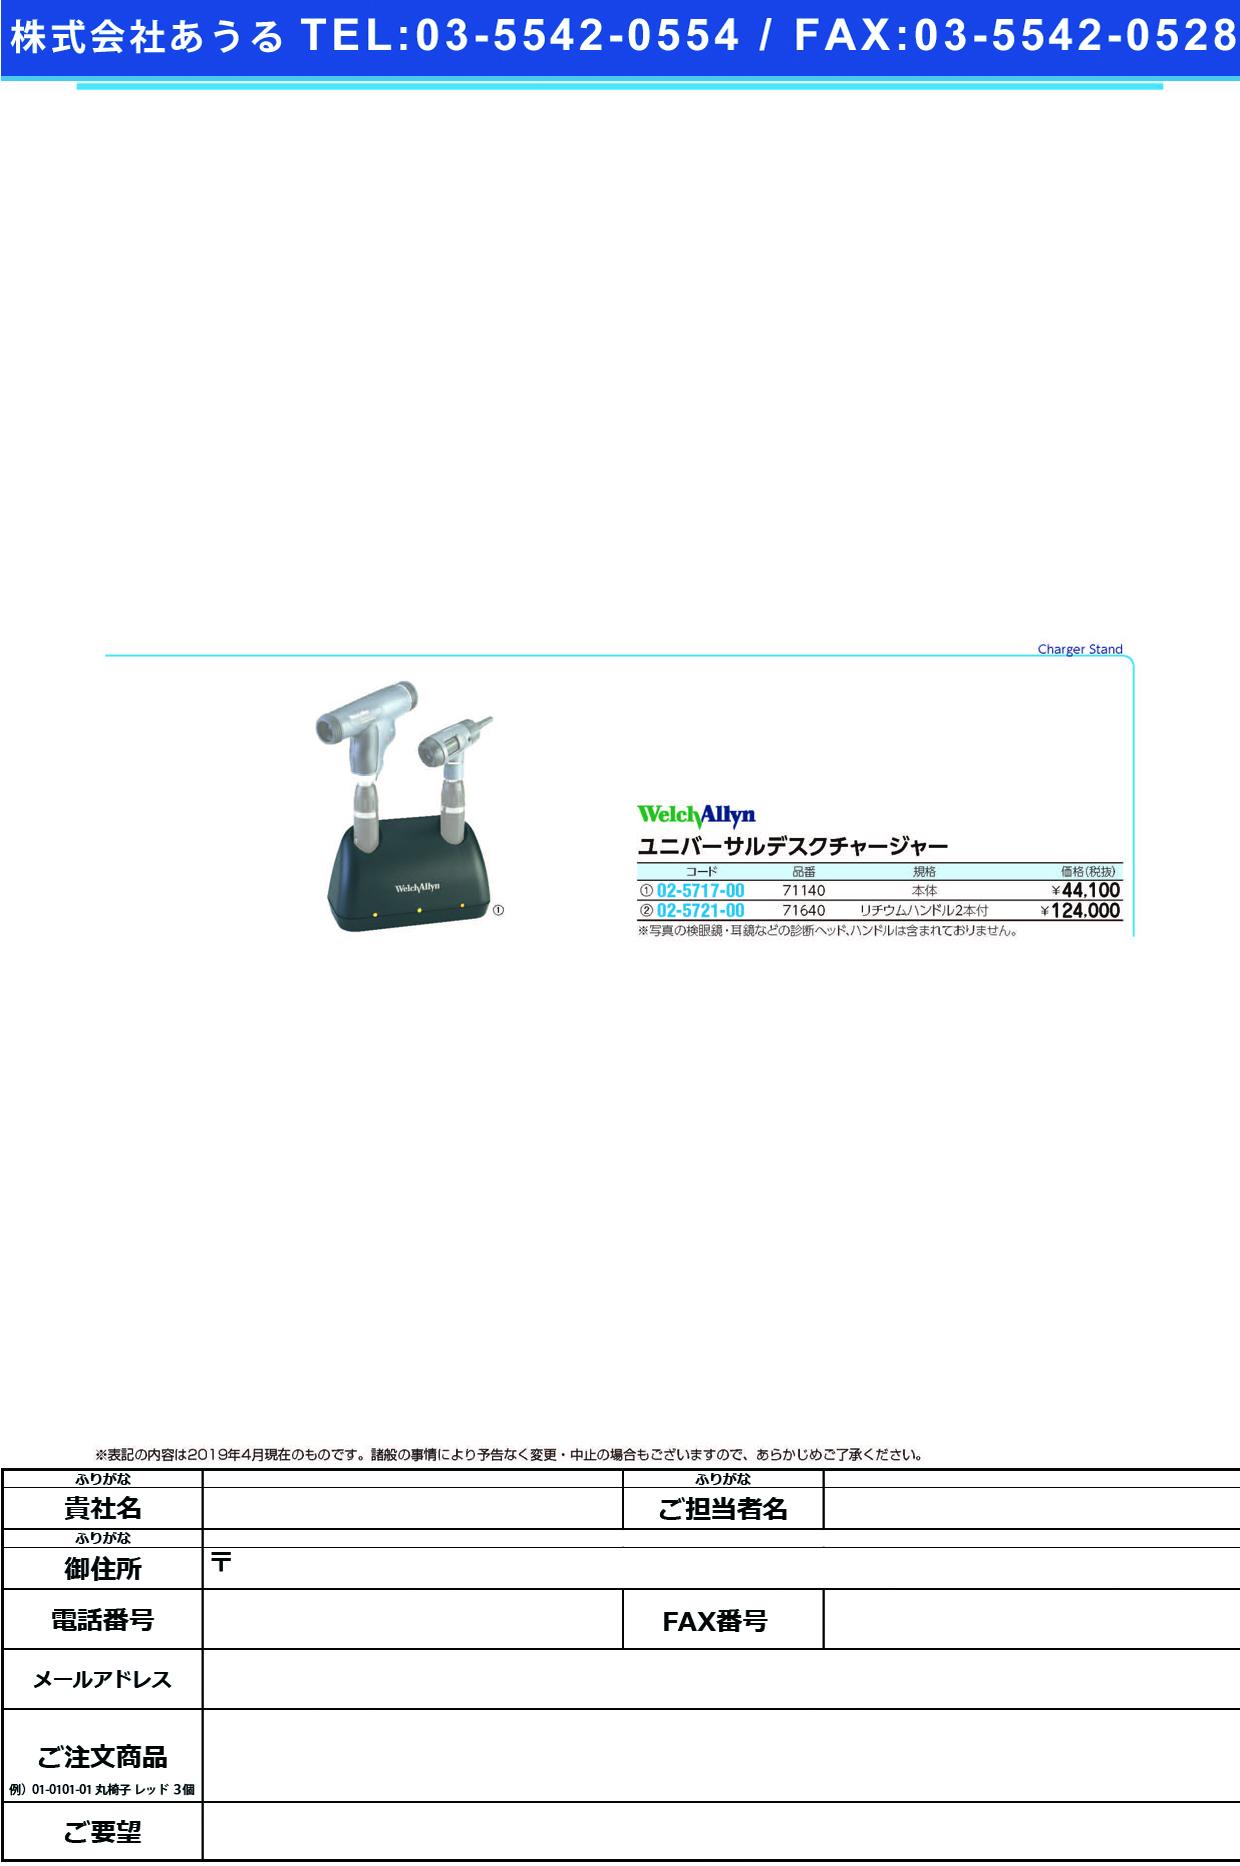 (02-5721-00)ユニバーサルデスクチャージャー 71640(リチウムハンドルセット) ユニバーサルデスクチャージャー【1組単位】【2019年カタログ商品】